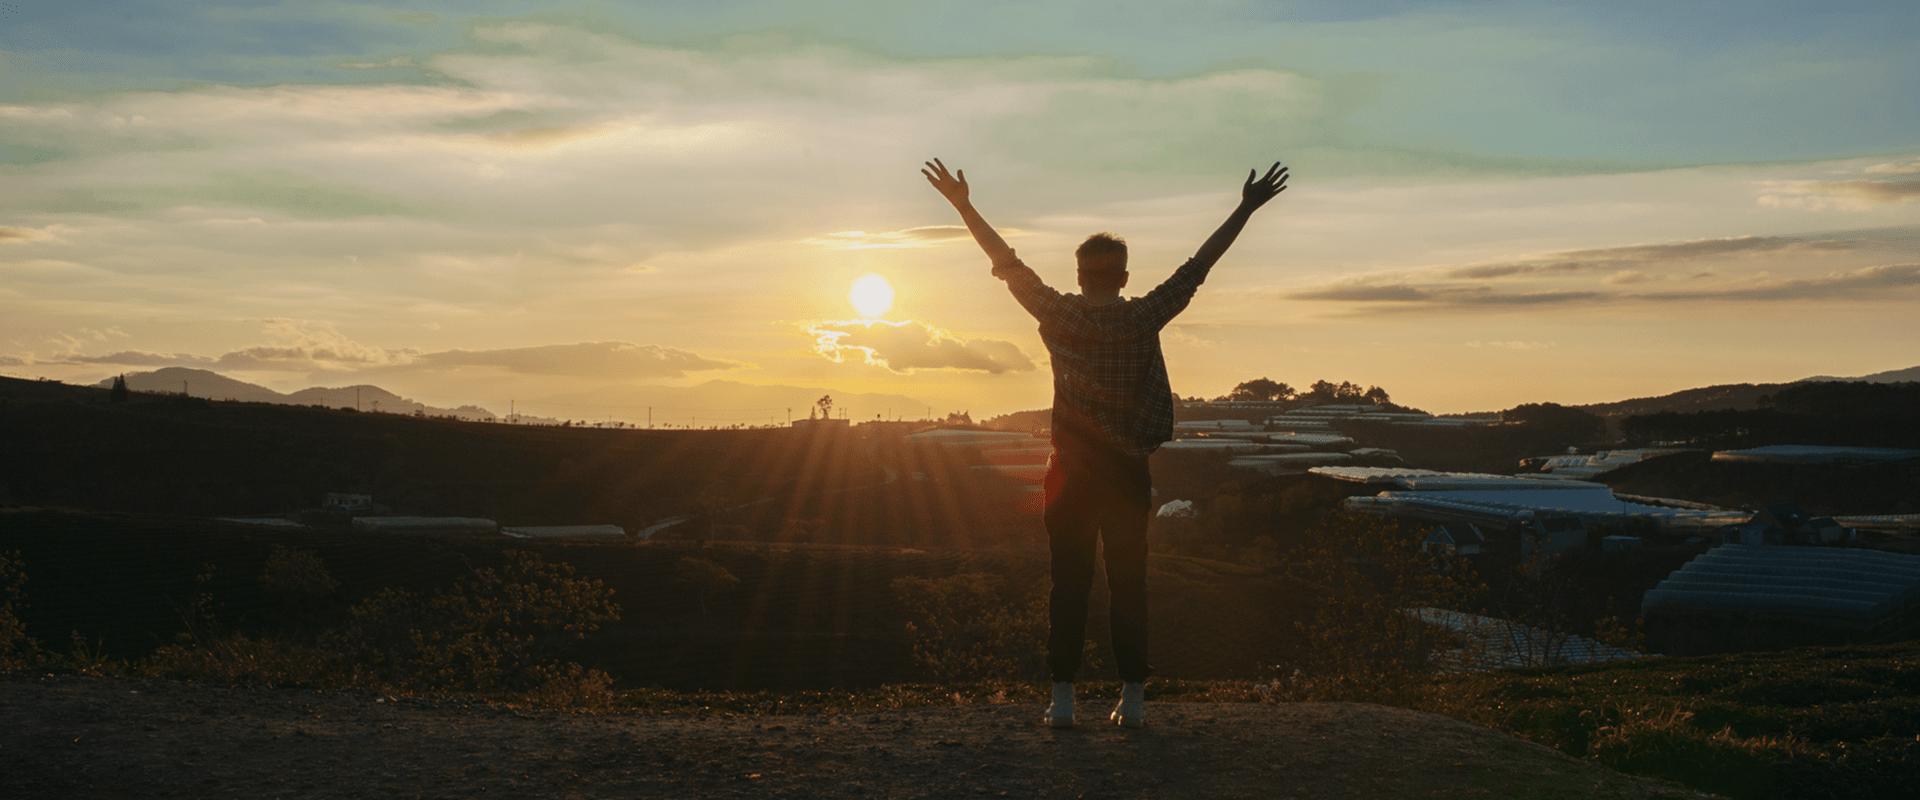 10-cosas-que-debemos-dejar-atras